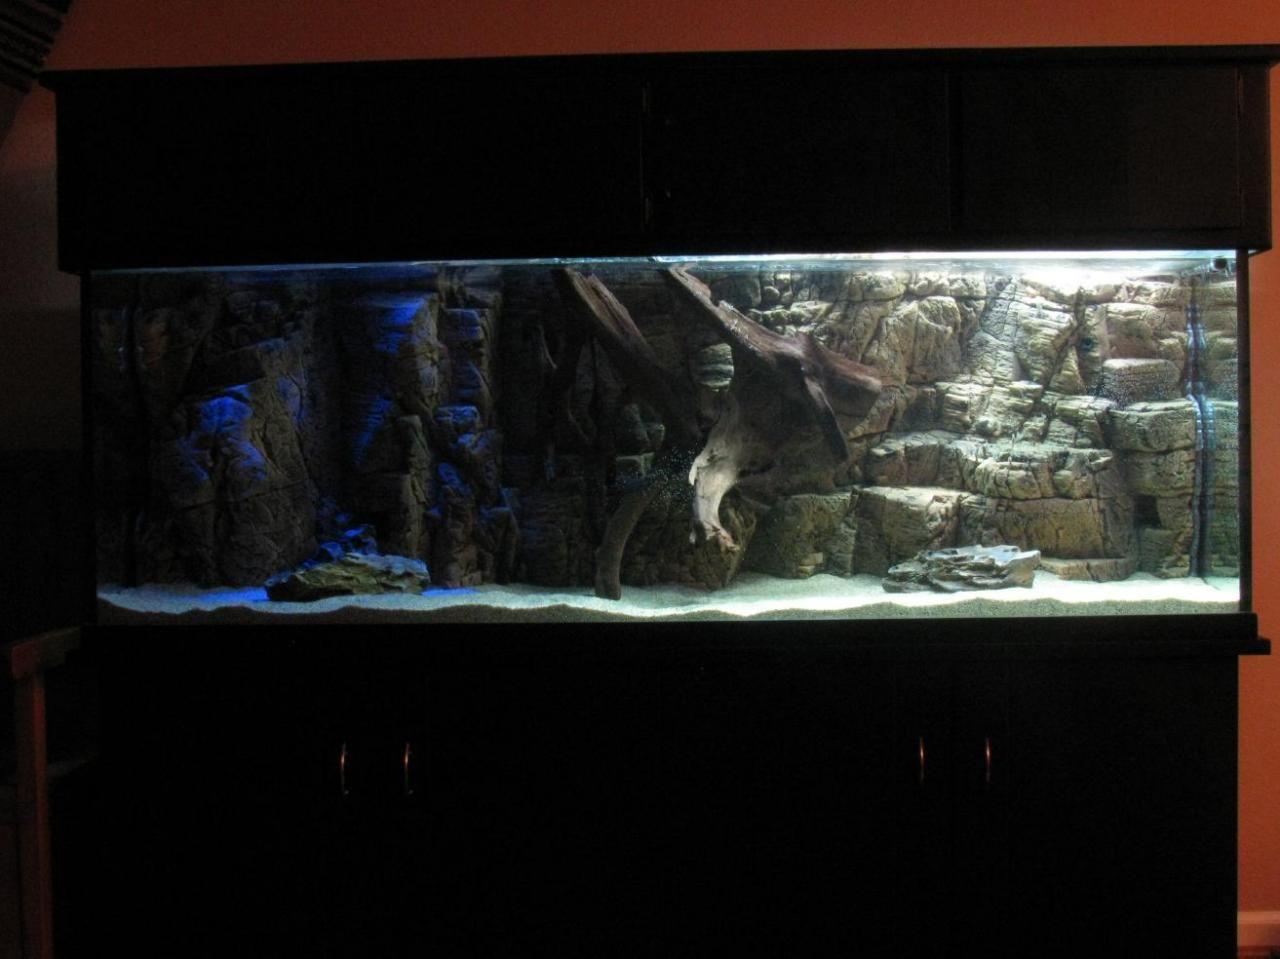 3d Background Discus Aquarium Aquarium Cool Fish Tanks Biotope Aquarium